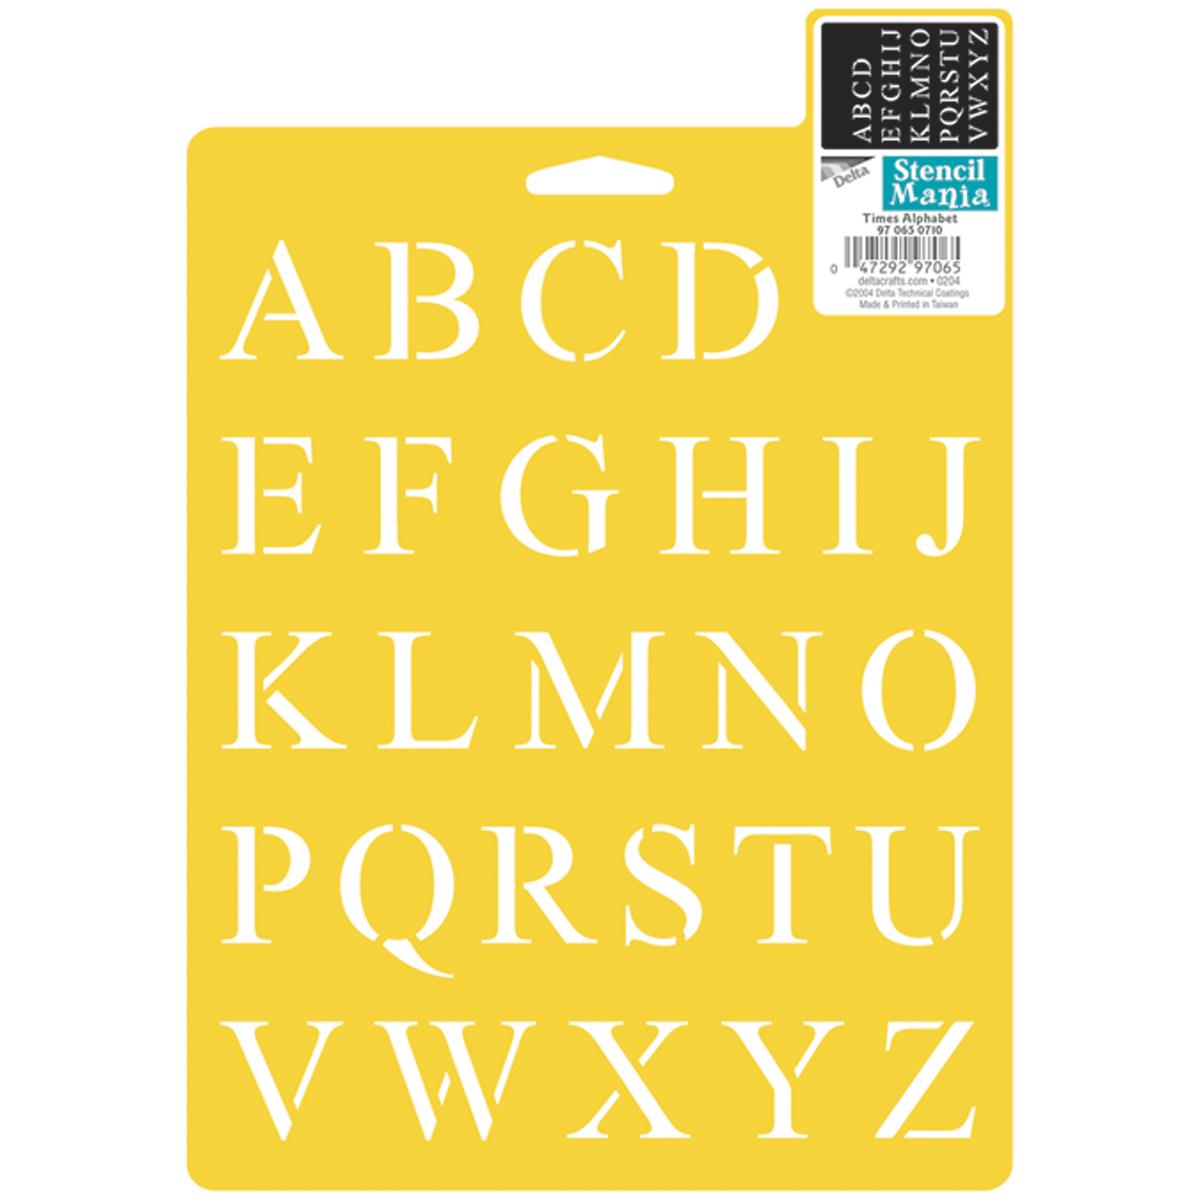 Stencil Mania Stencil 7 Inch X 10 Inch-Times Alphabet